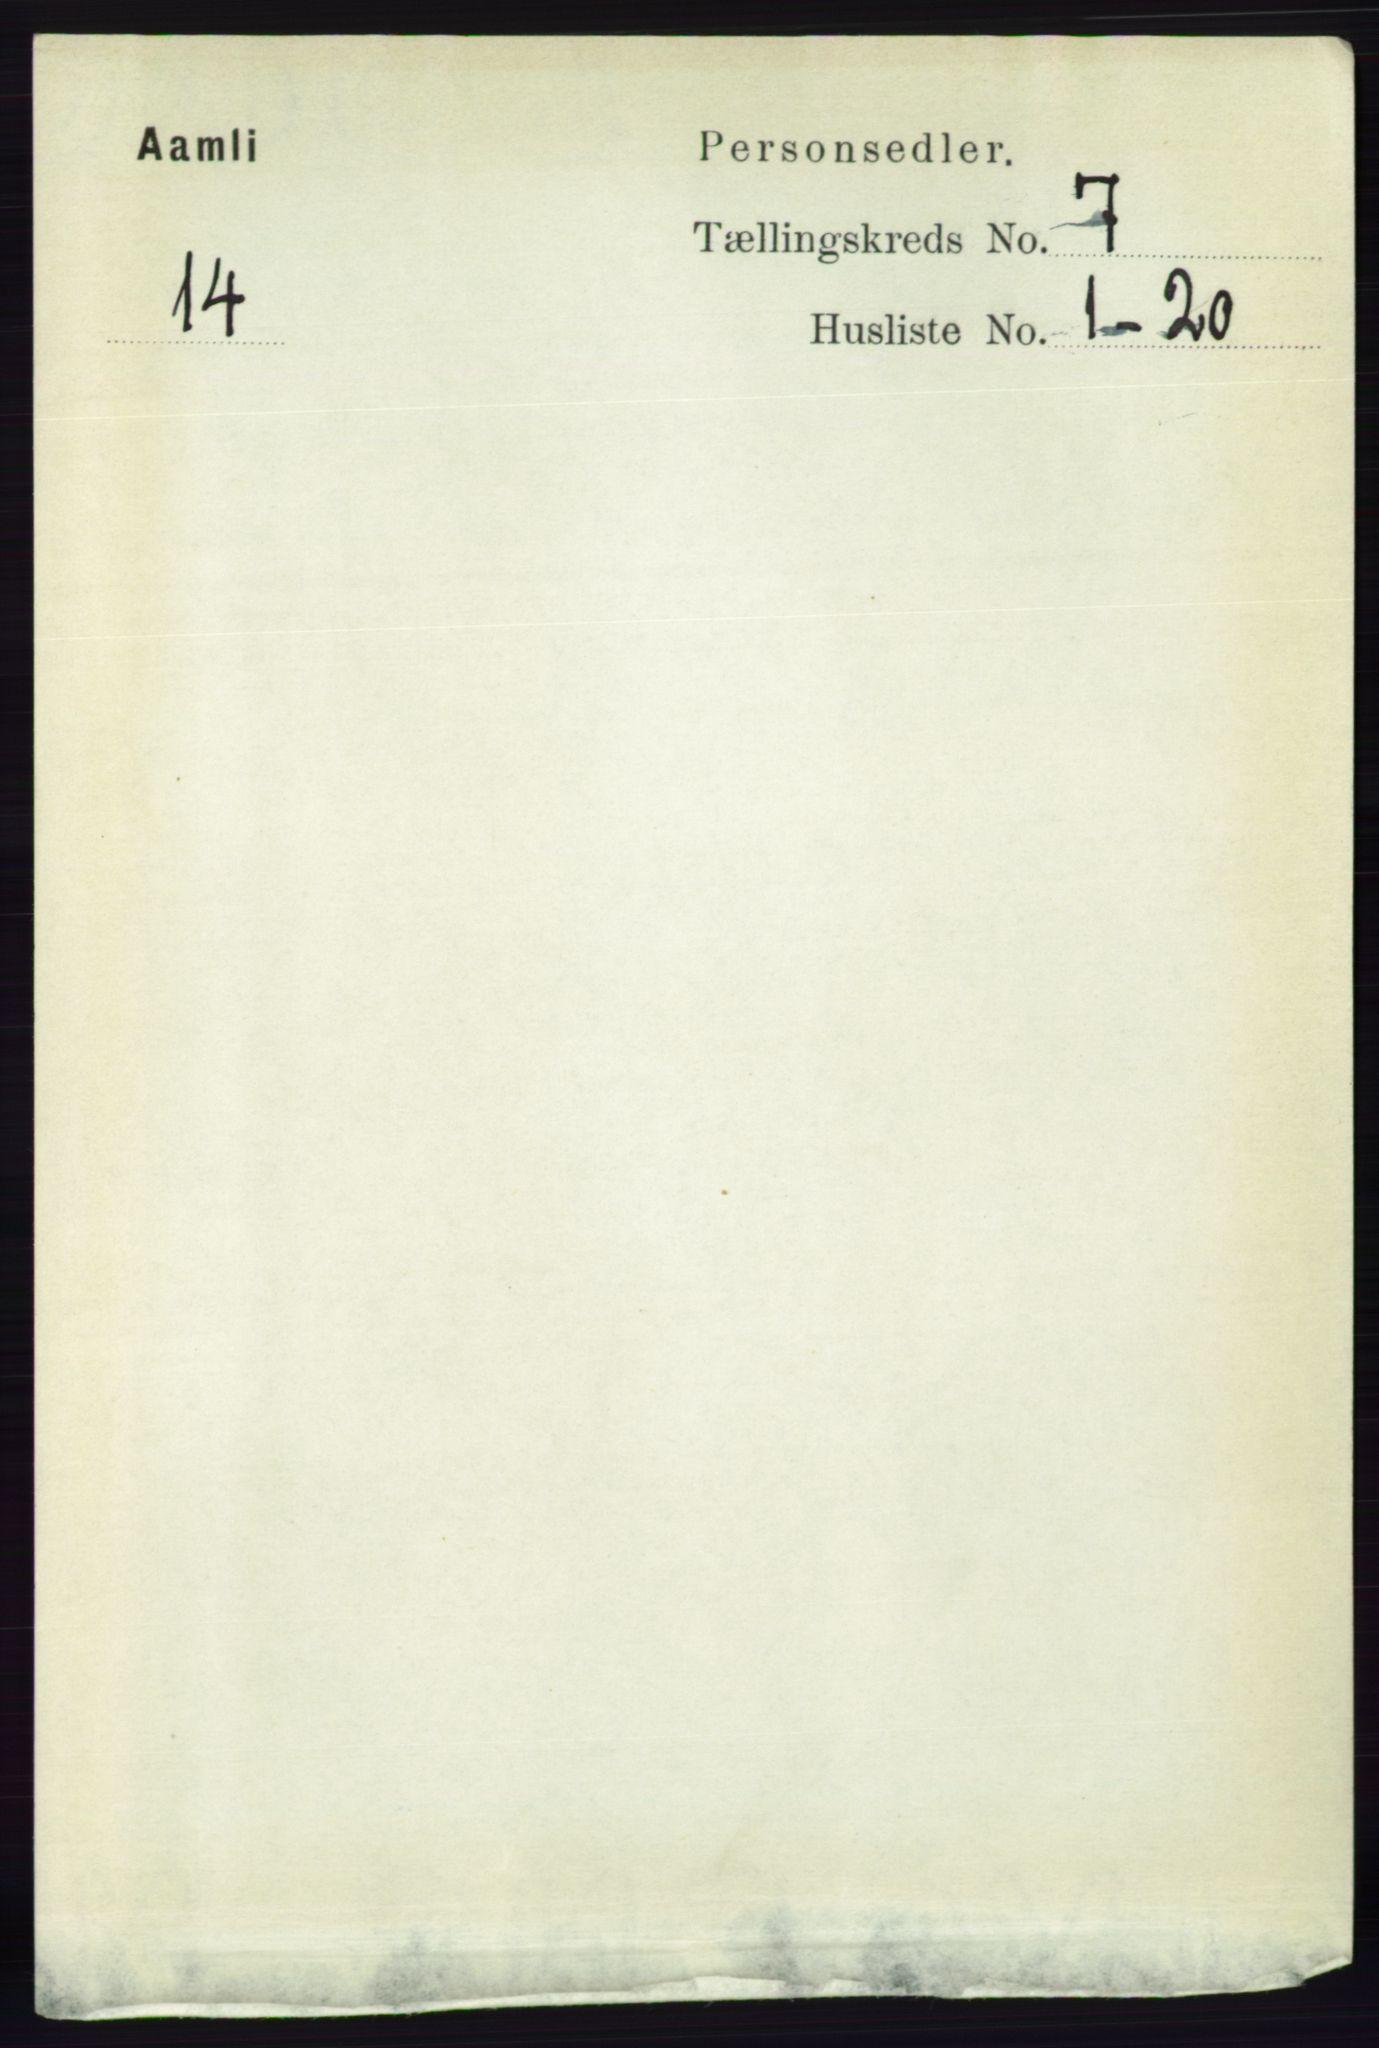 RA, Folketelling 1891 for 0929 Åmli herred, 1891, s. 937